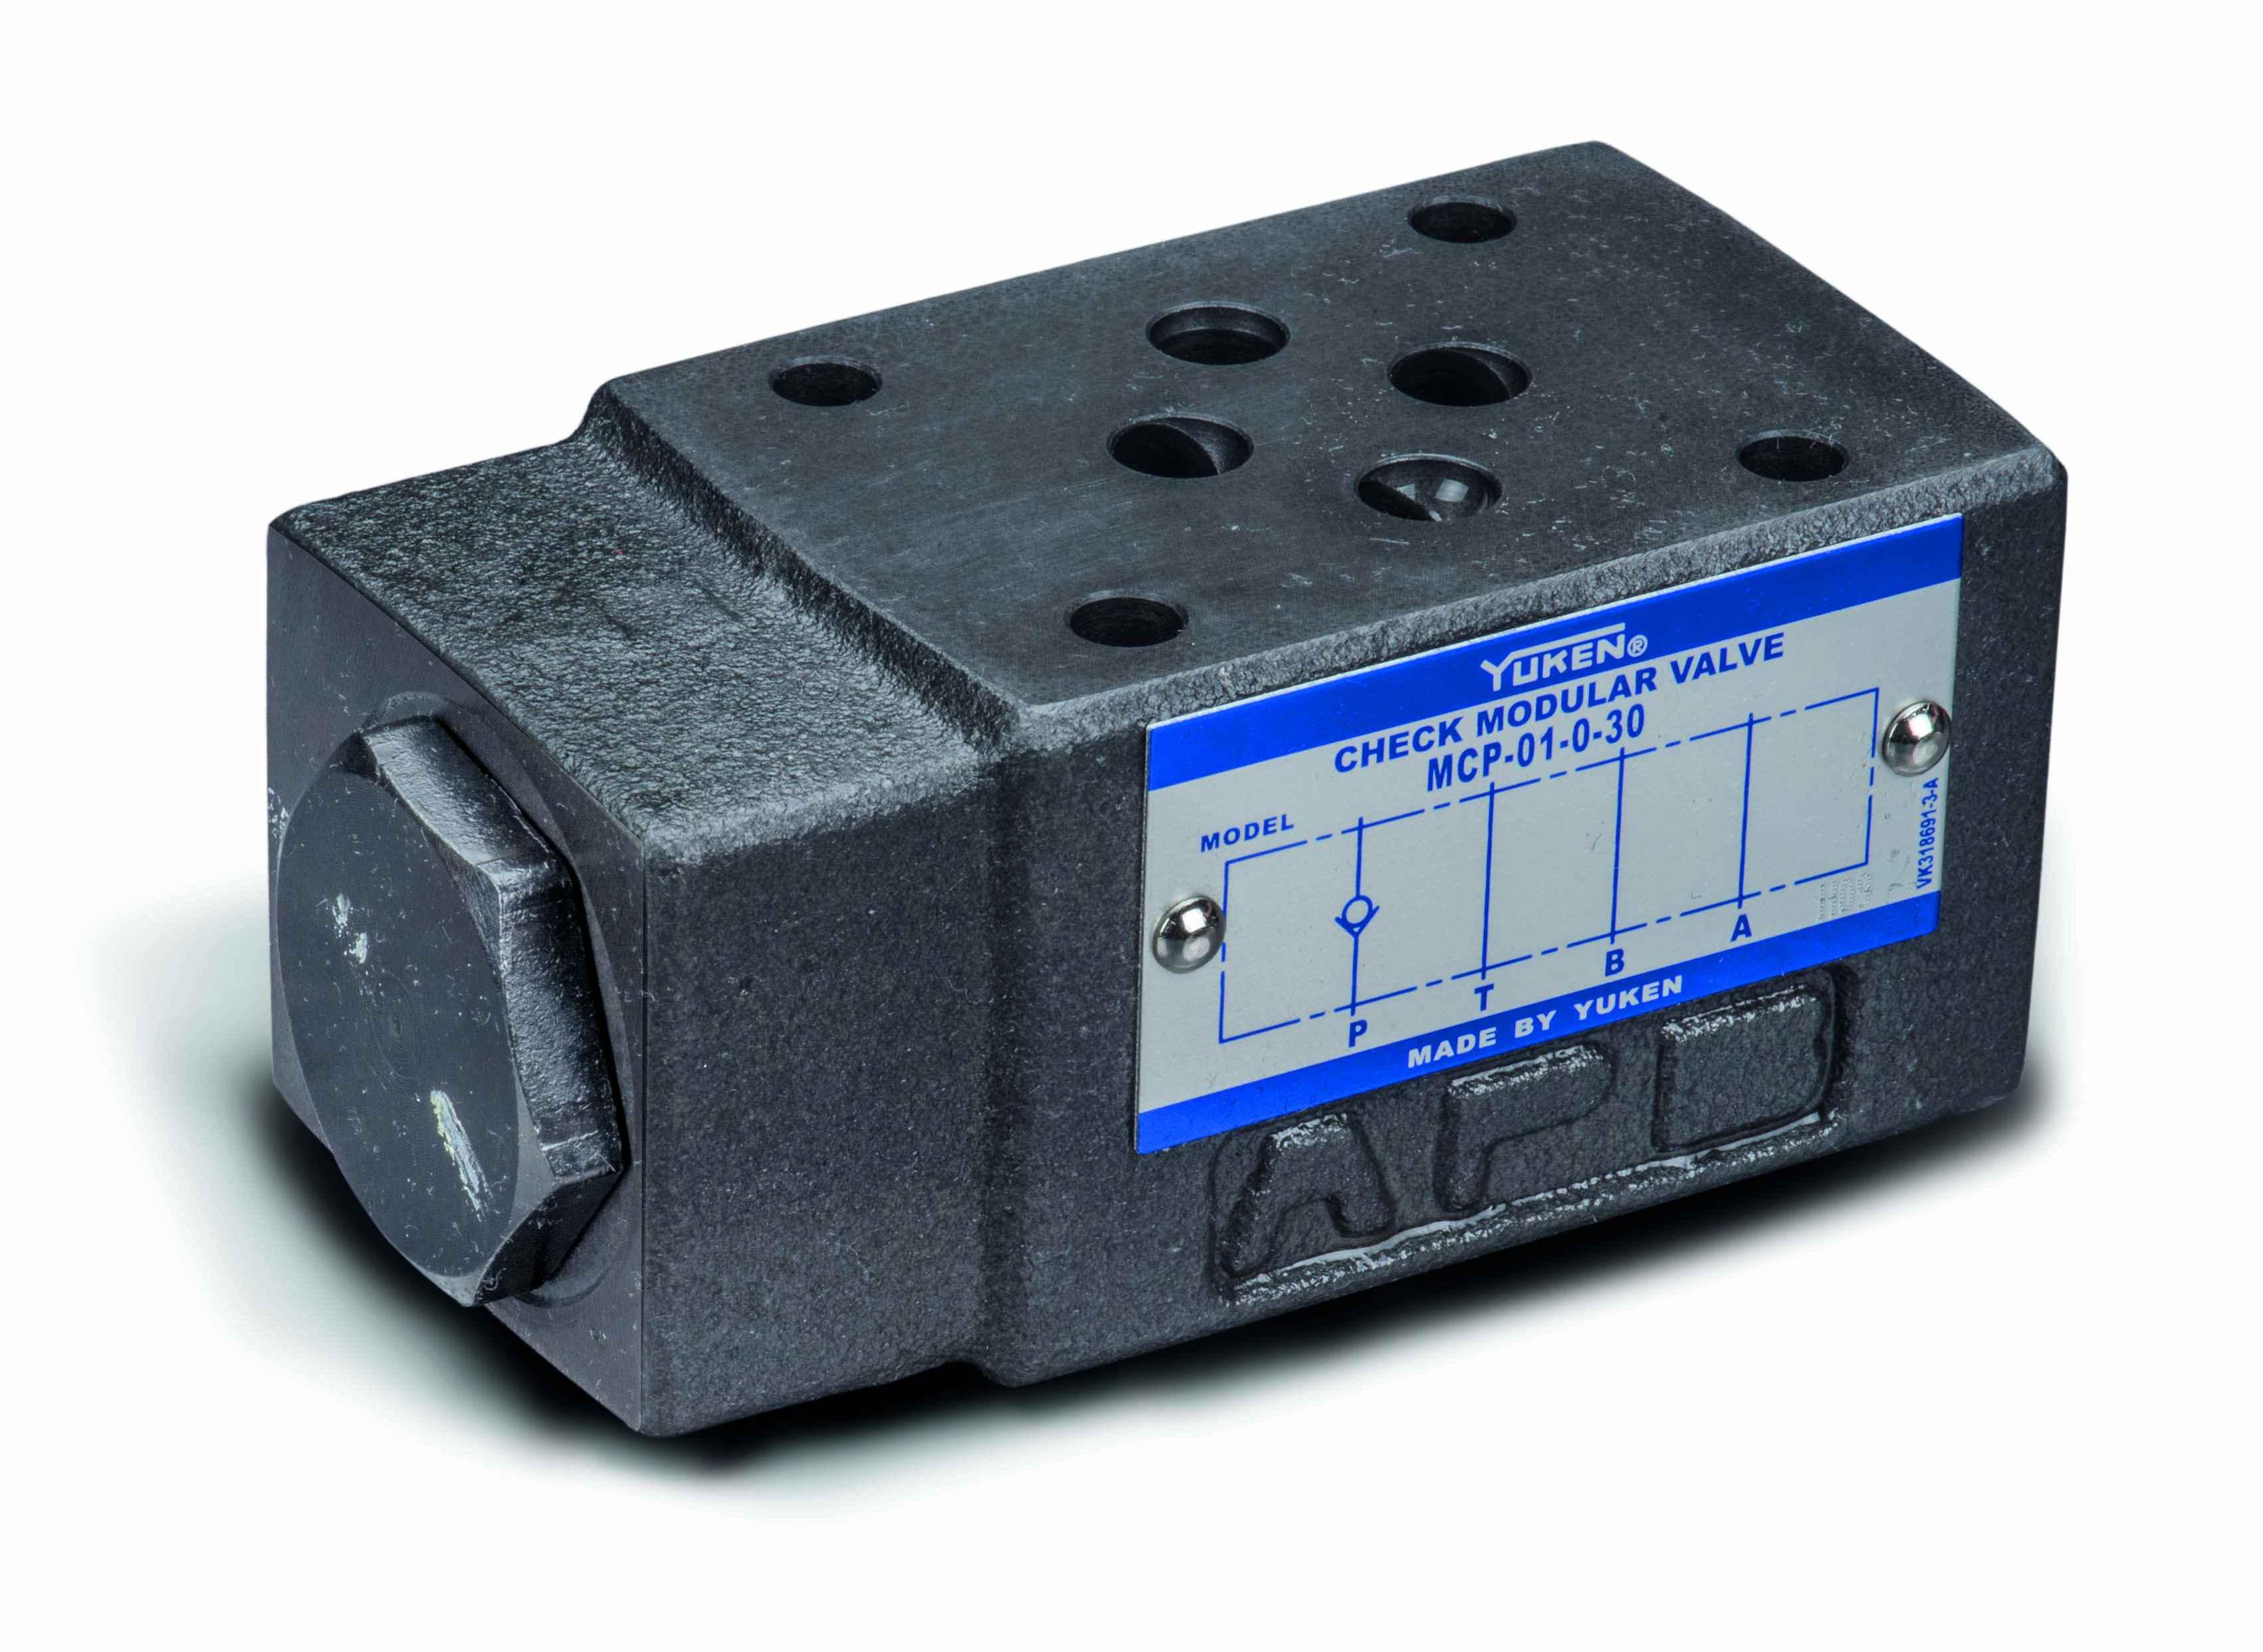 Cetop 3 NG6 check valve